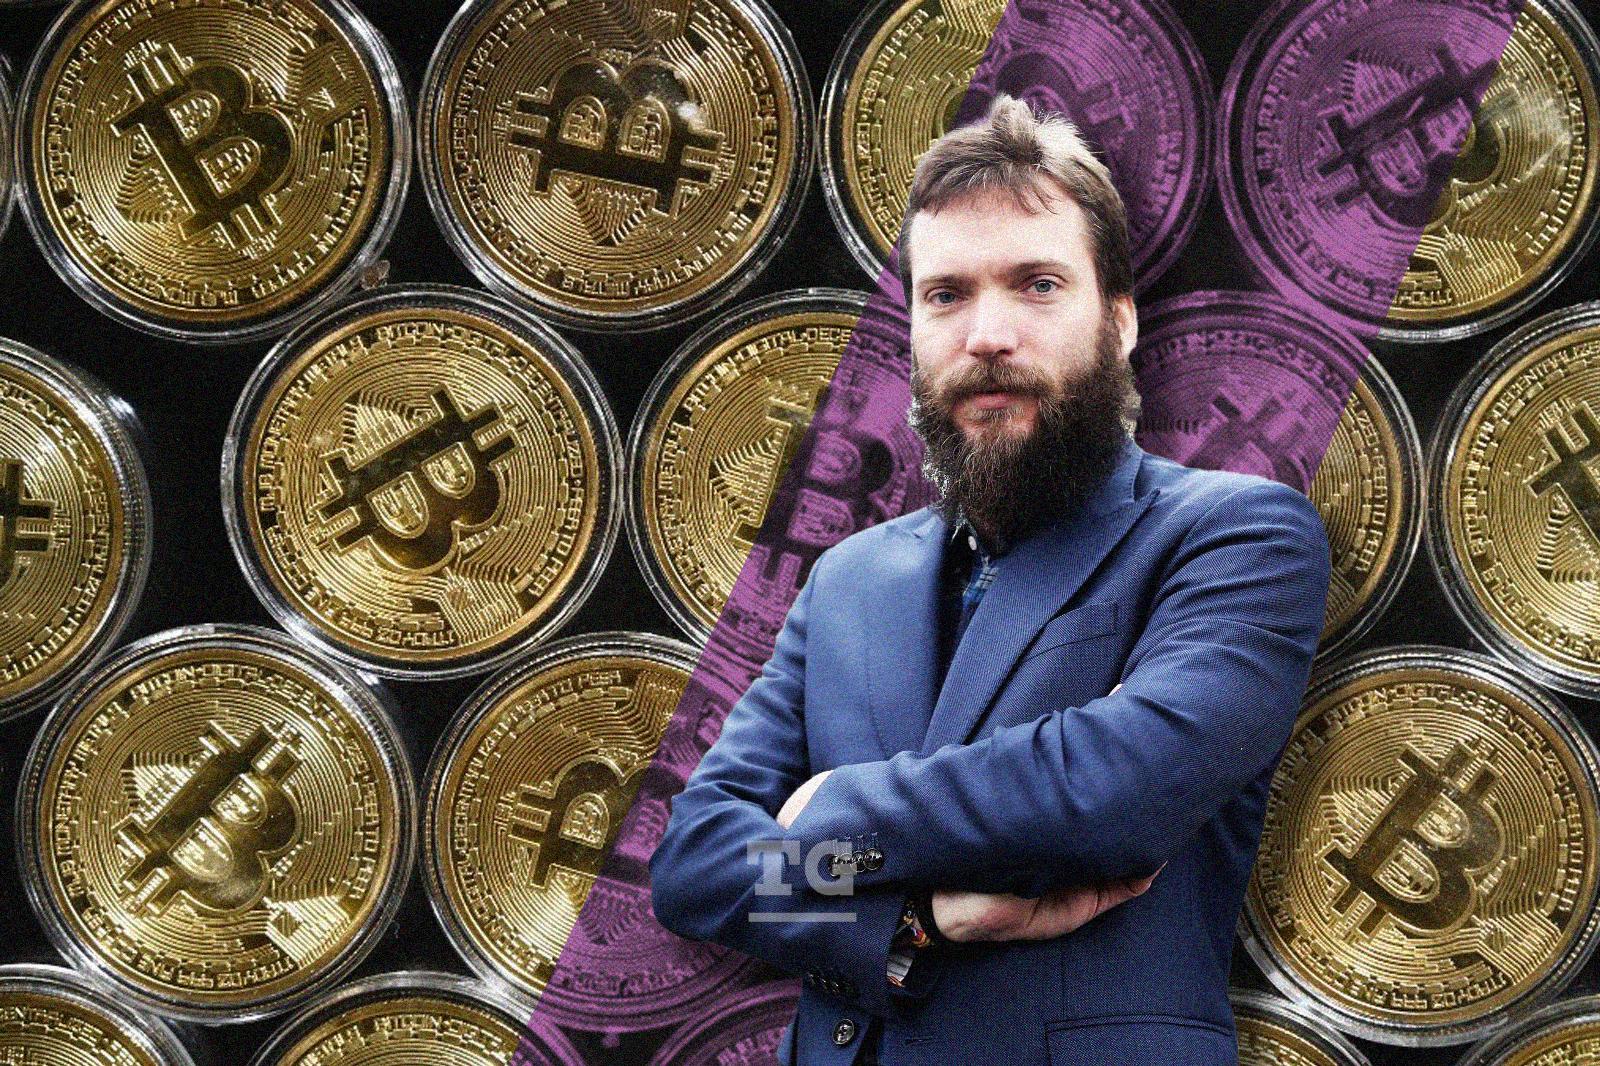 koliko novca možete zaraditi na rudarstvu bitcoina? je li bolje uložiti nam evro ili bitcoin